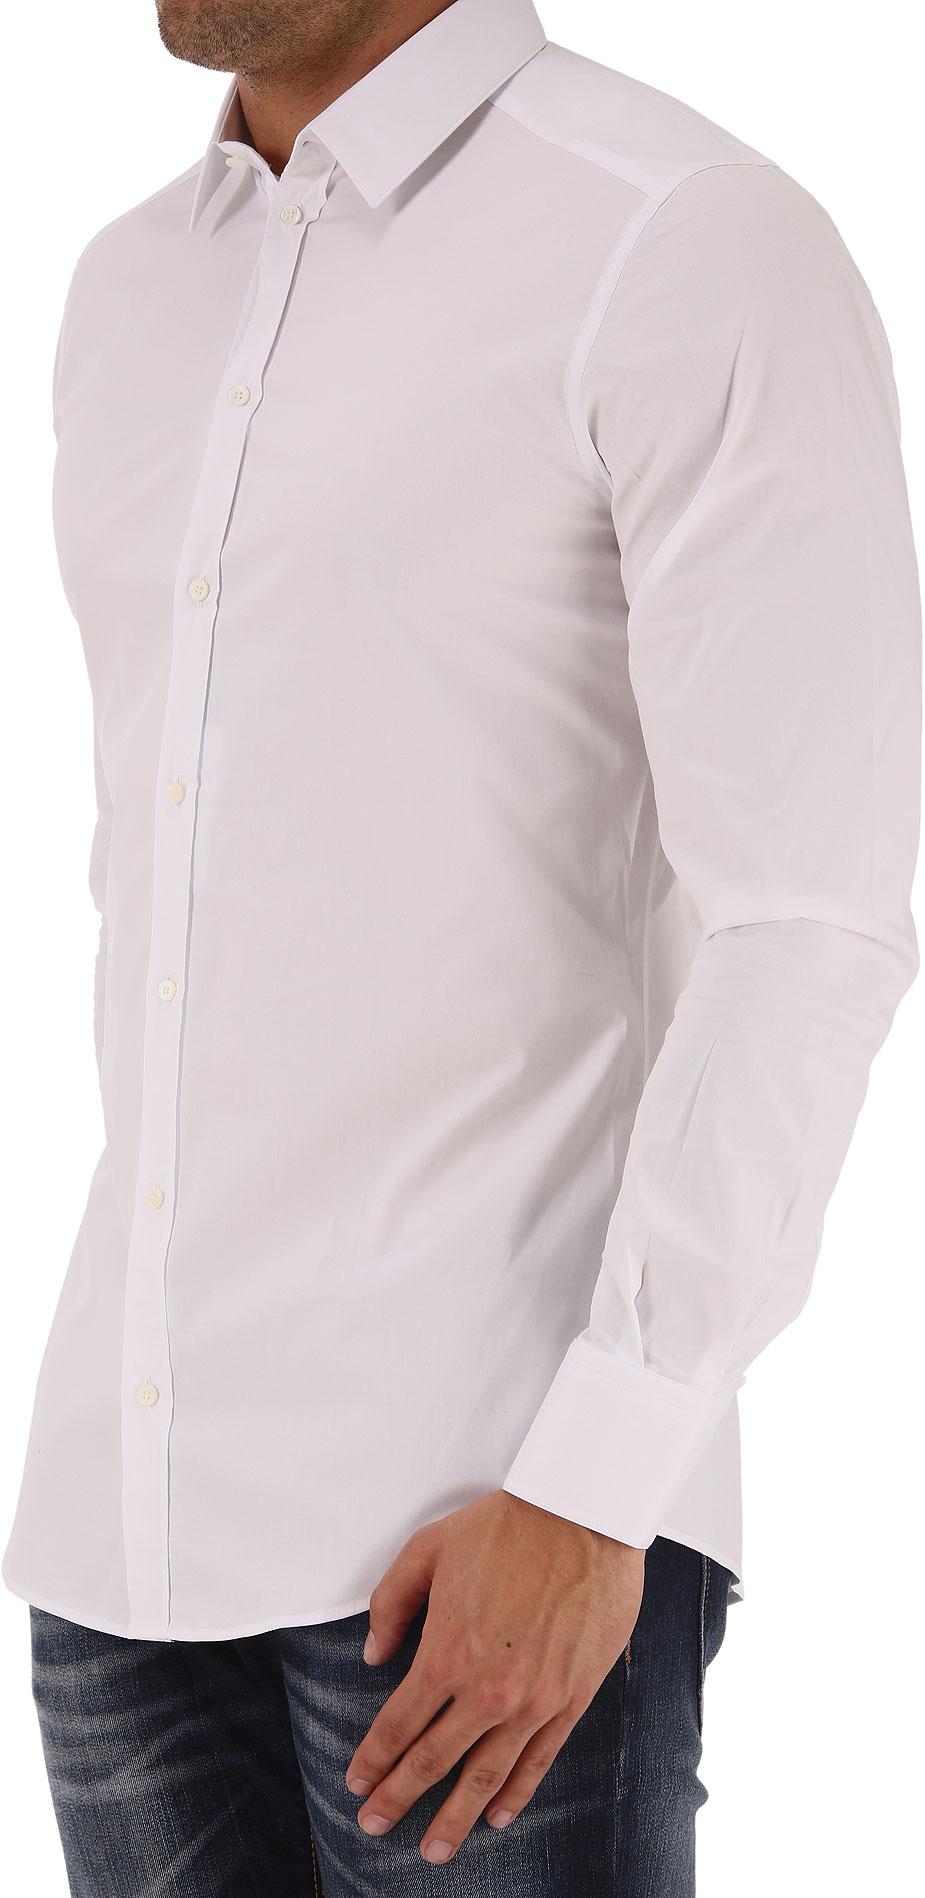 DouxNuméro PièceG5dm6t De fueaj amp; Vêtements Gabbana Homme w0800 0OwnPk